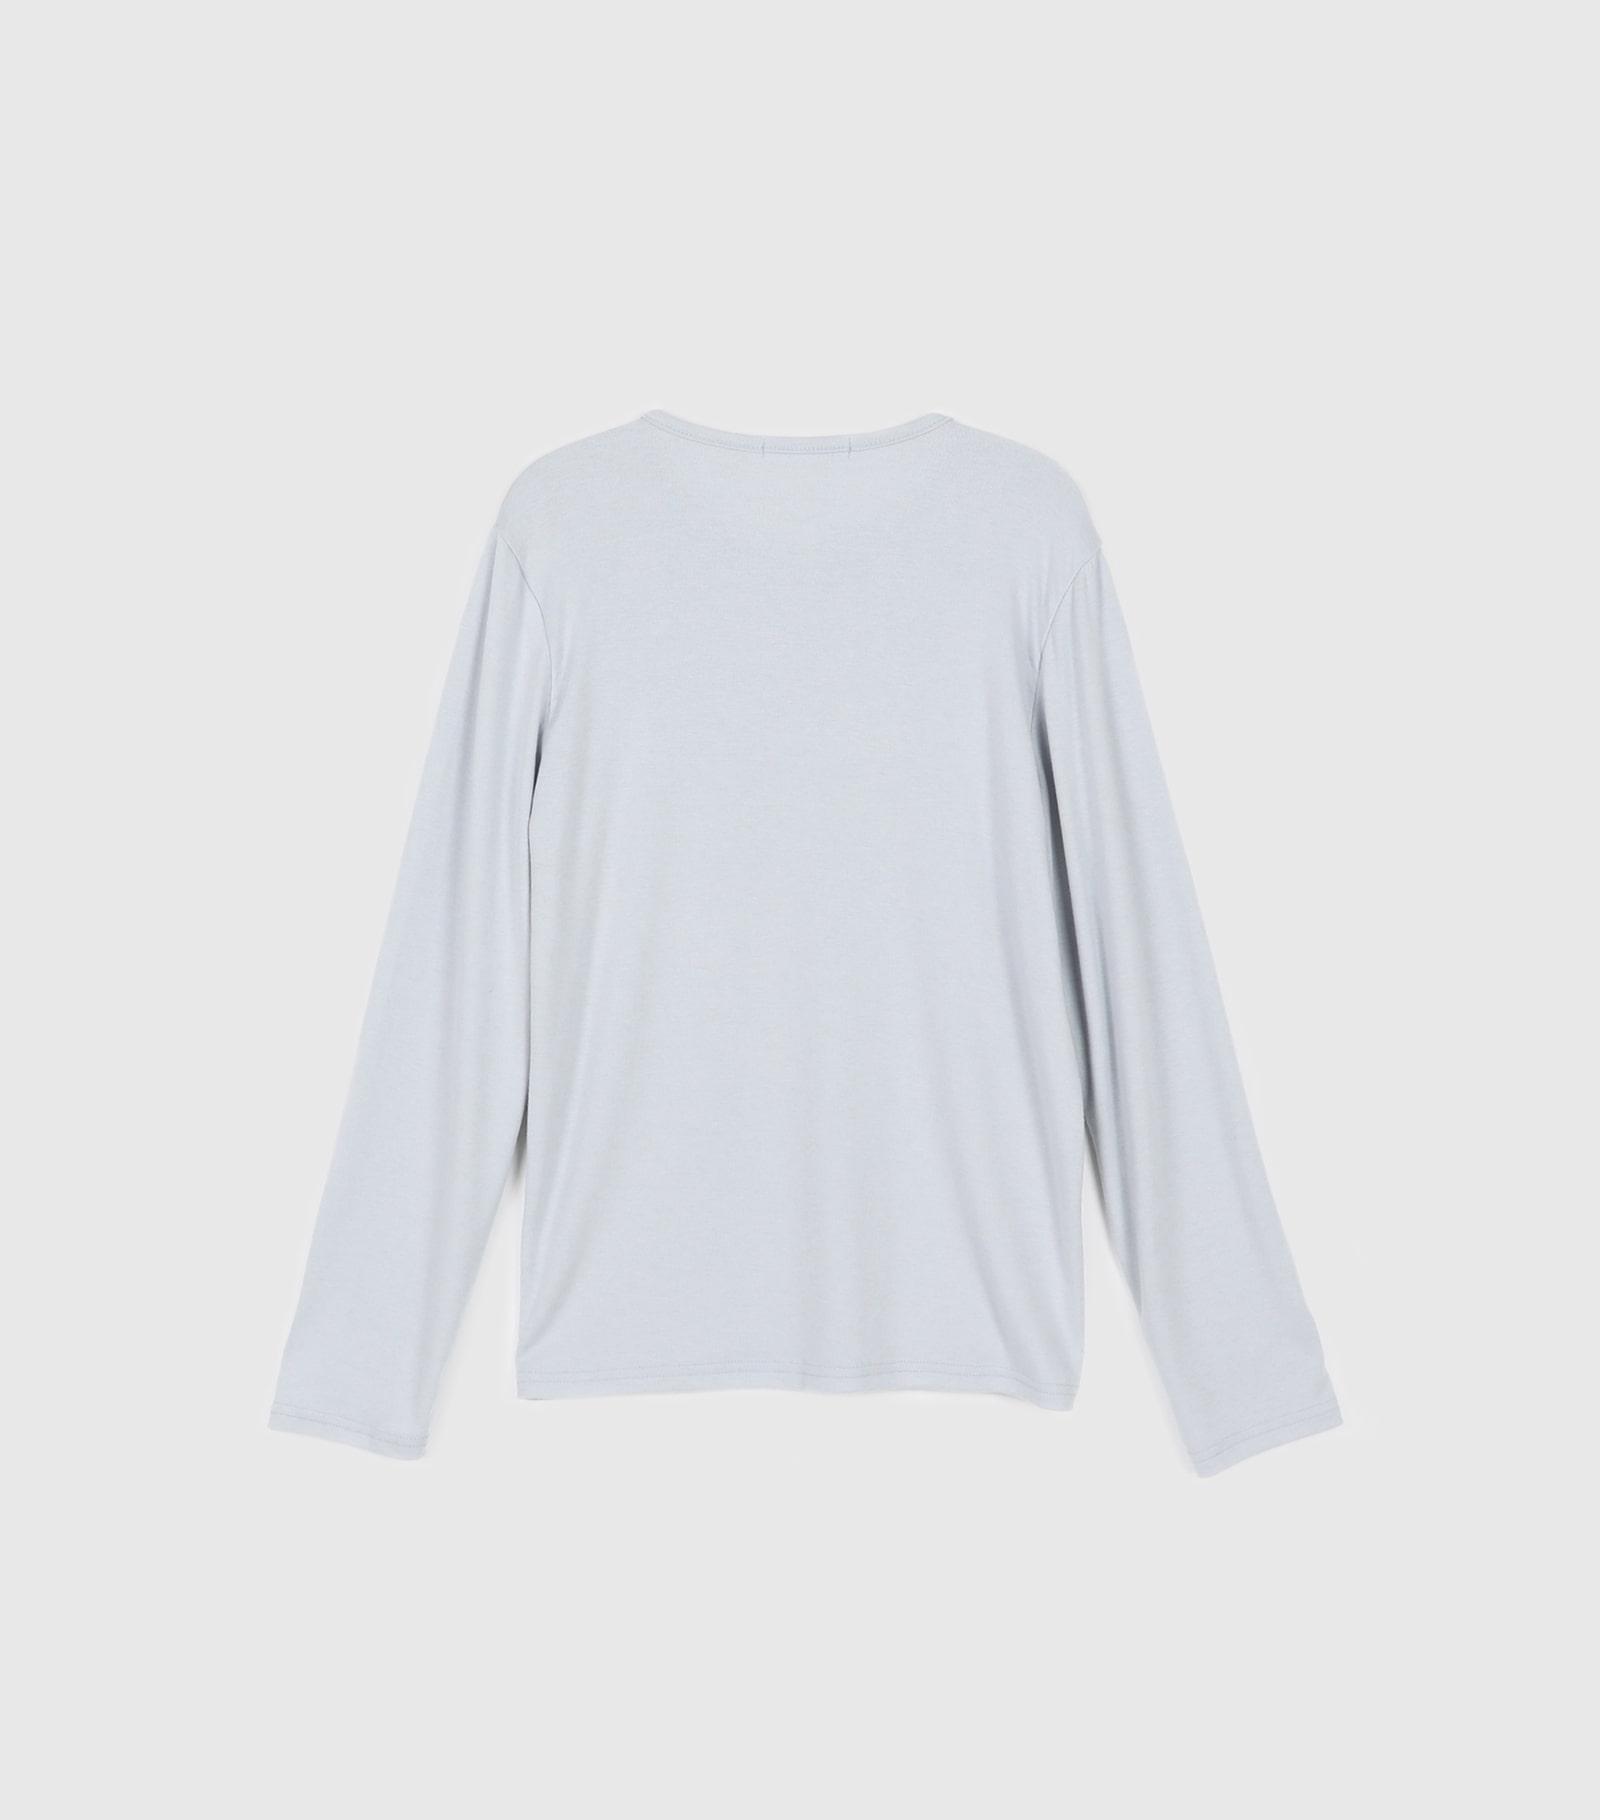 Soft Standard Round Neck T-Shirt